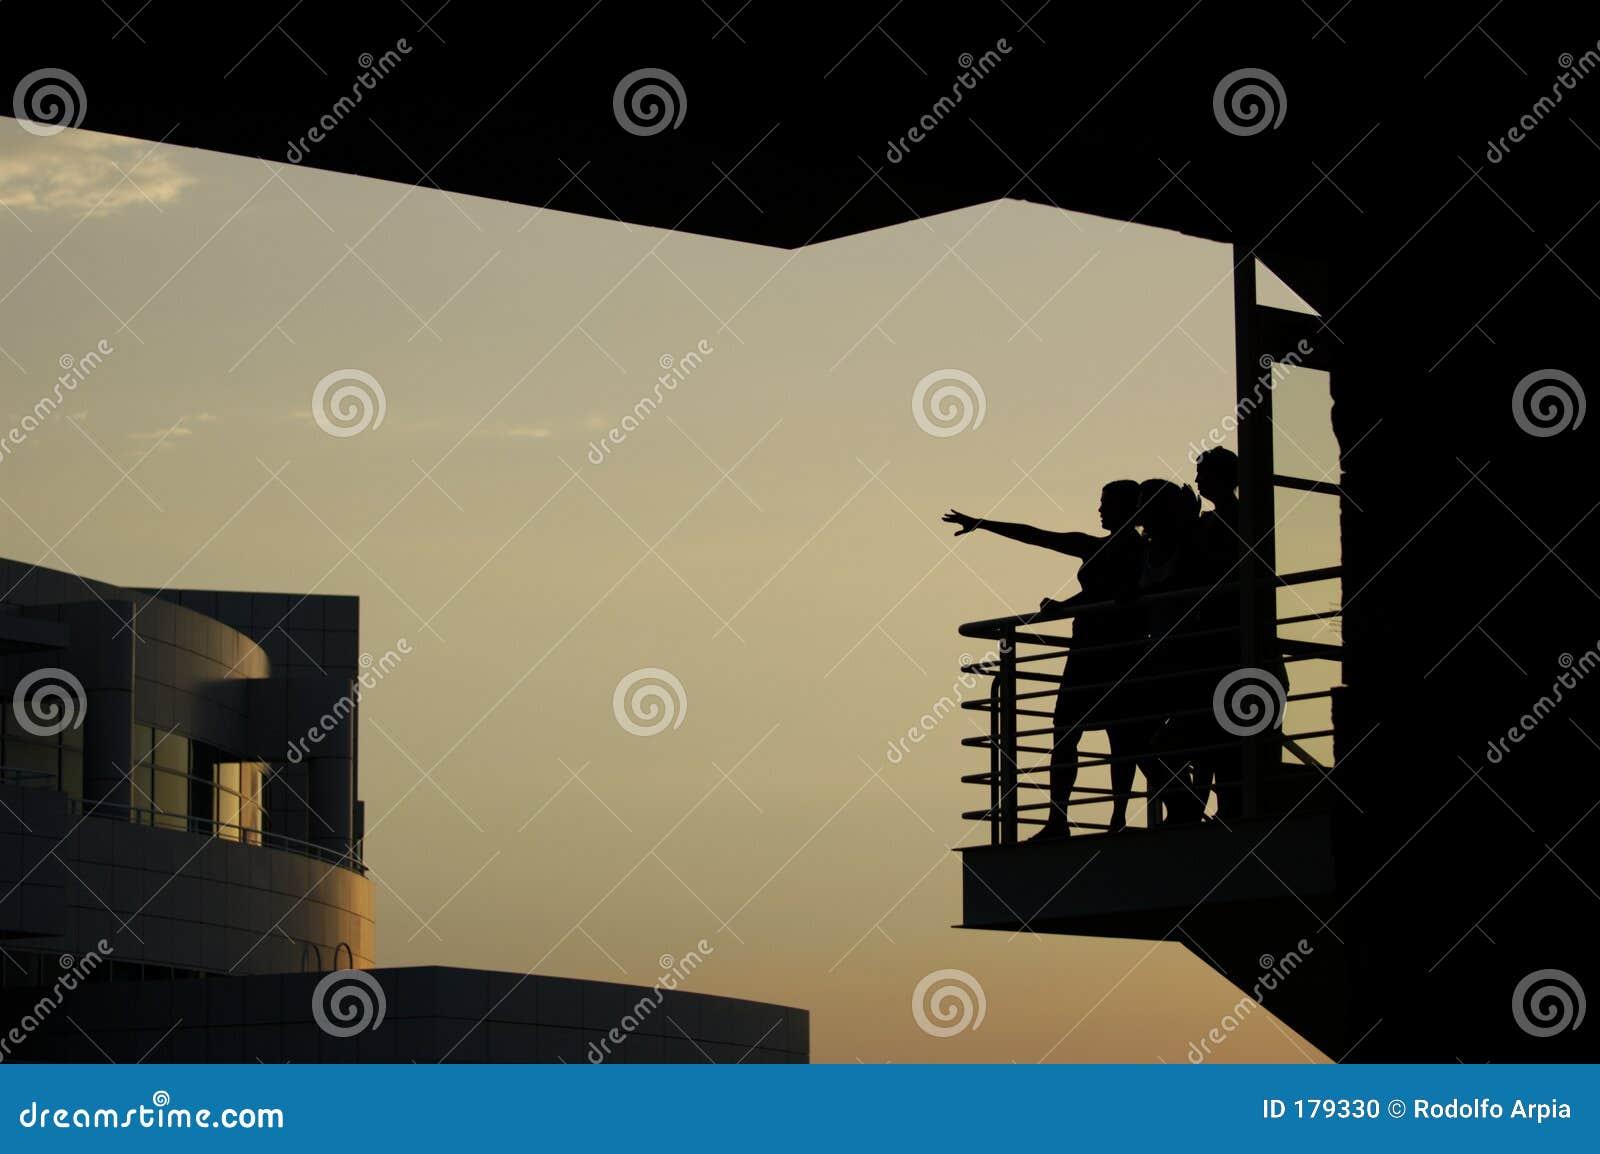 Donne sul balcone